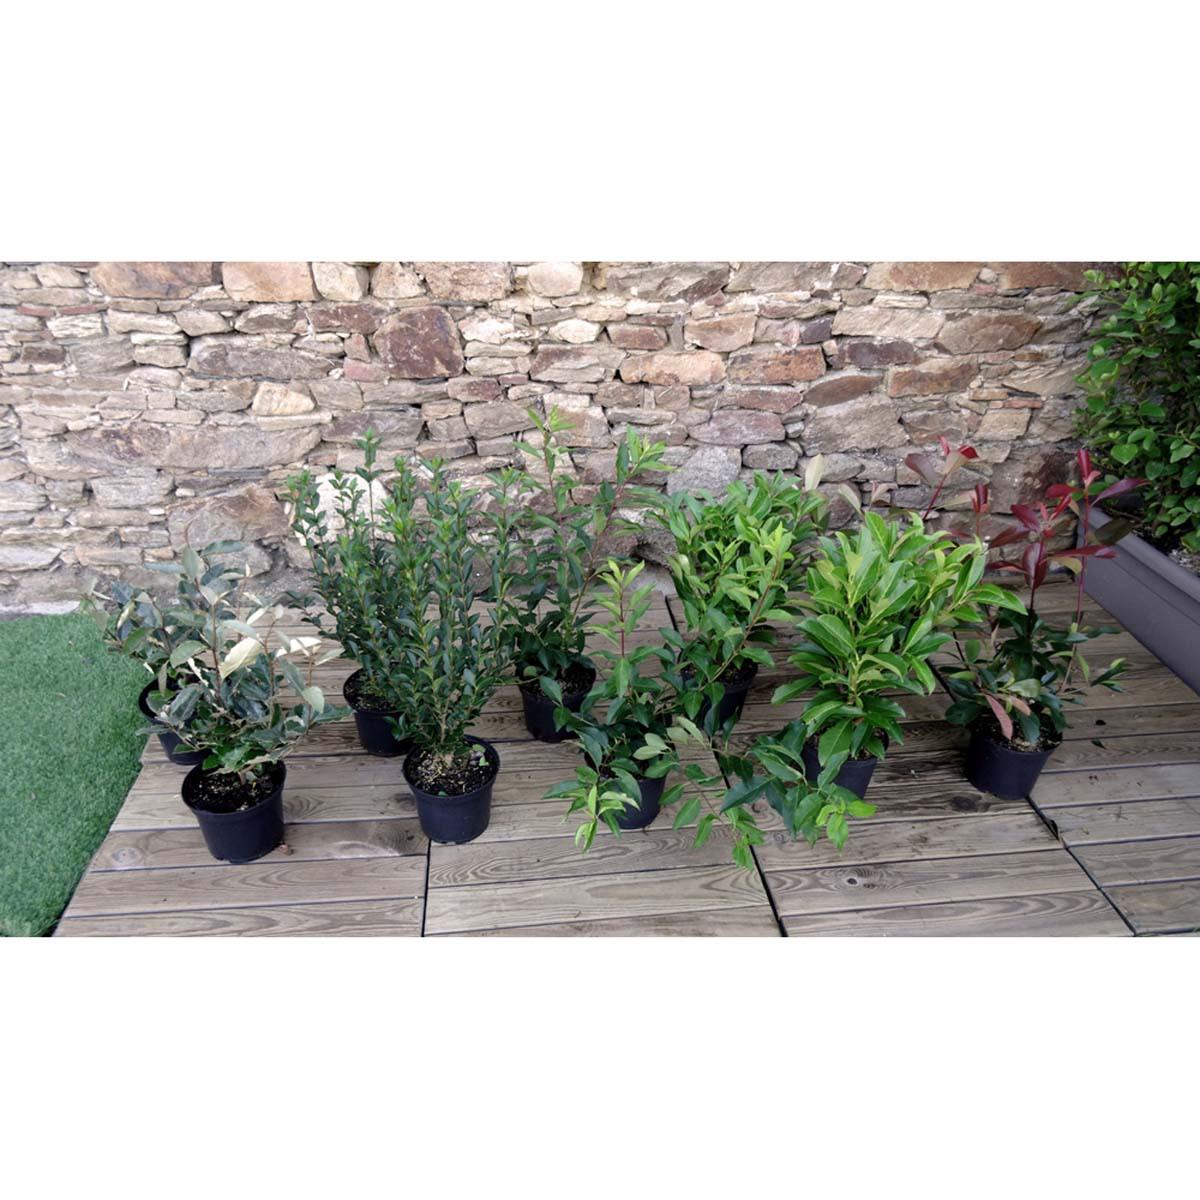 Kit de haie croissance rapide 10 plantes pour 10 m de haie jardinerie labelle - Plante croissance rapide ...